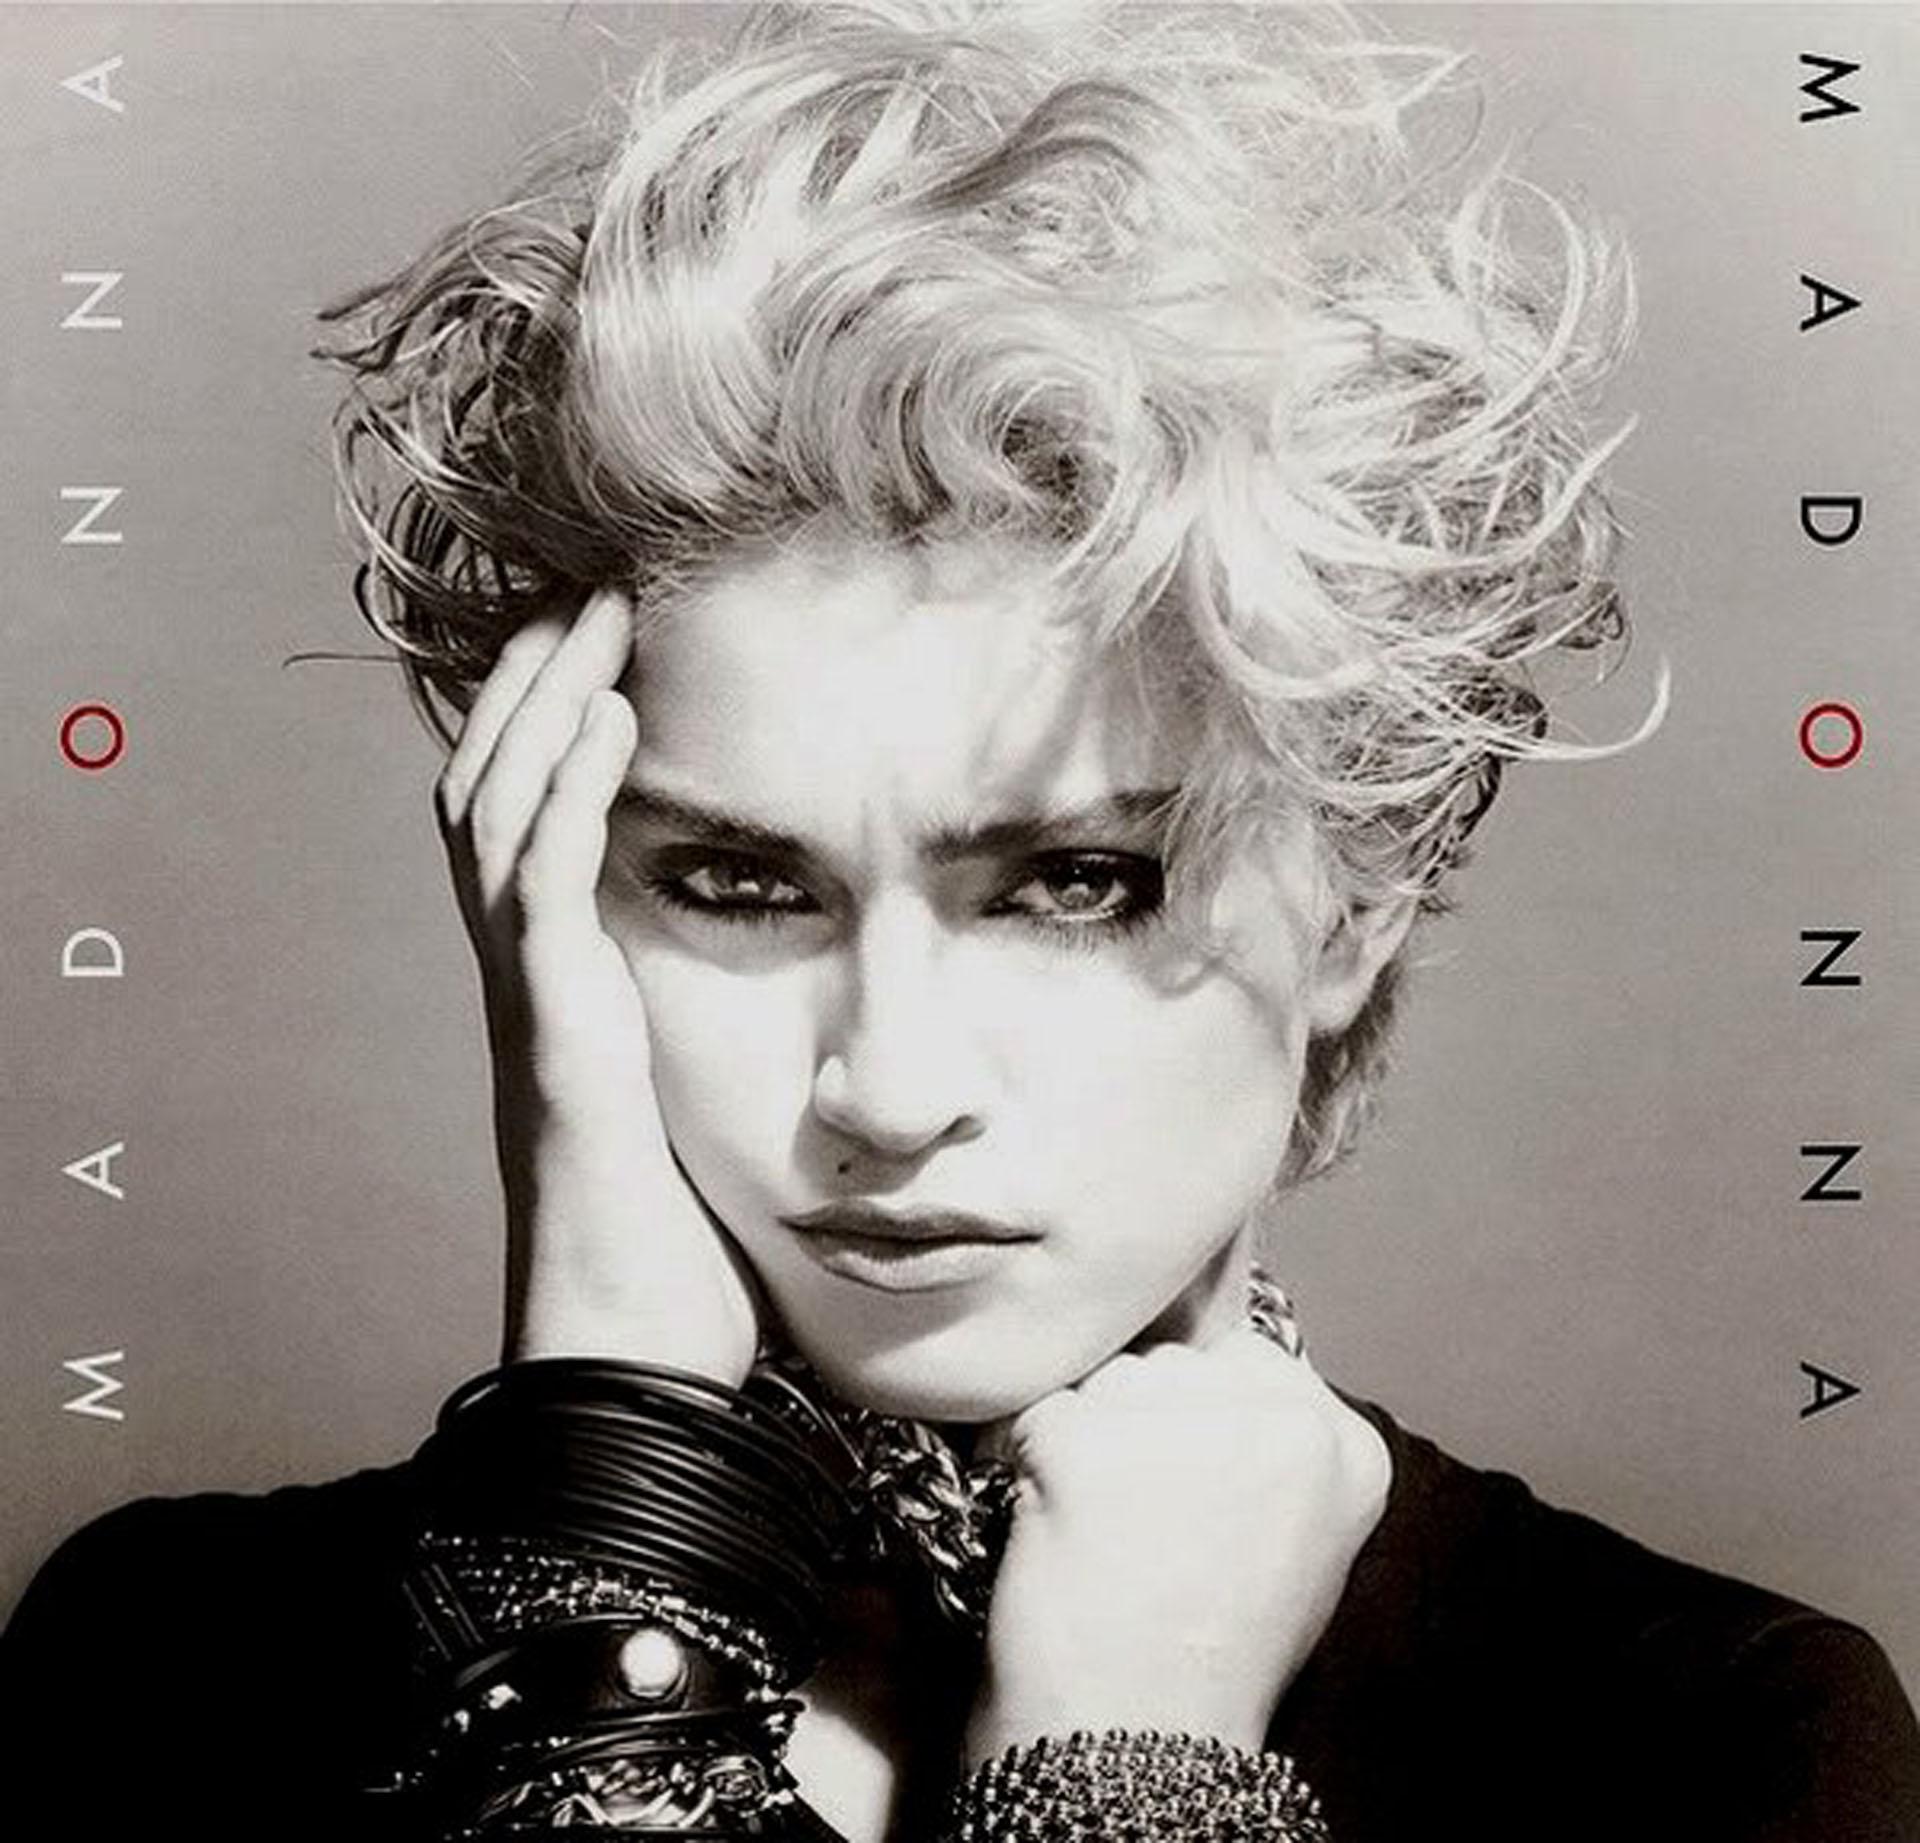 Su primer disco, titulado Madonna, fue lanzado el 27 de julio de 1983.Hace 35 años empezaba su reinado en las pistas de baile.